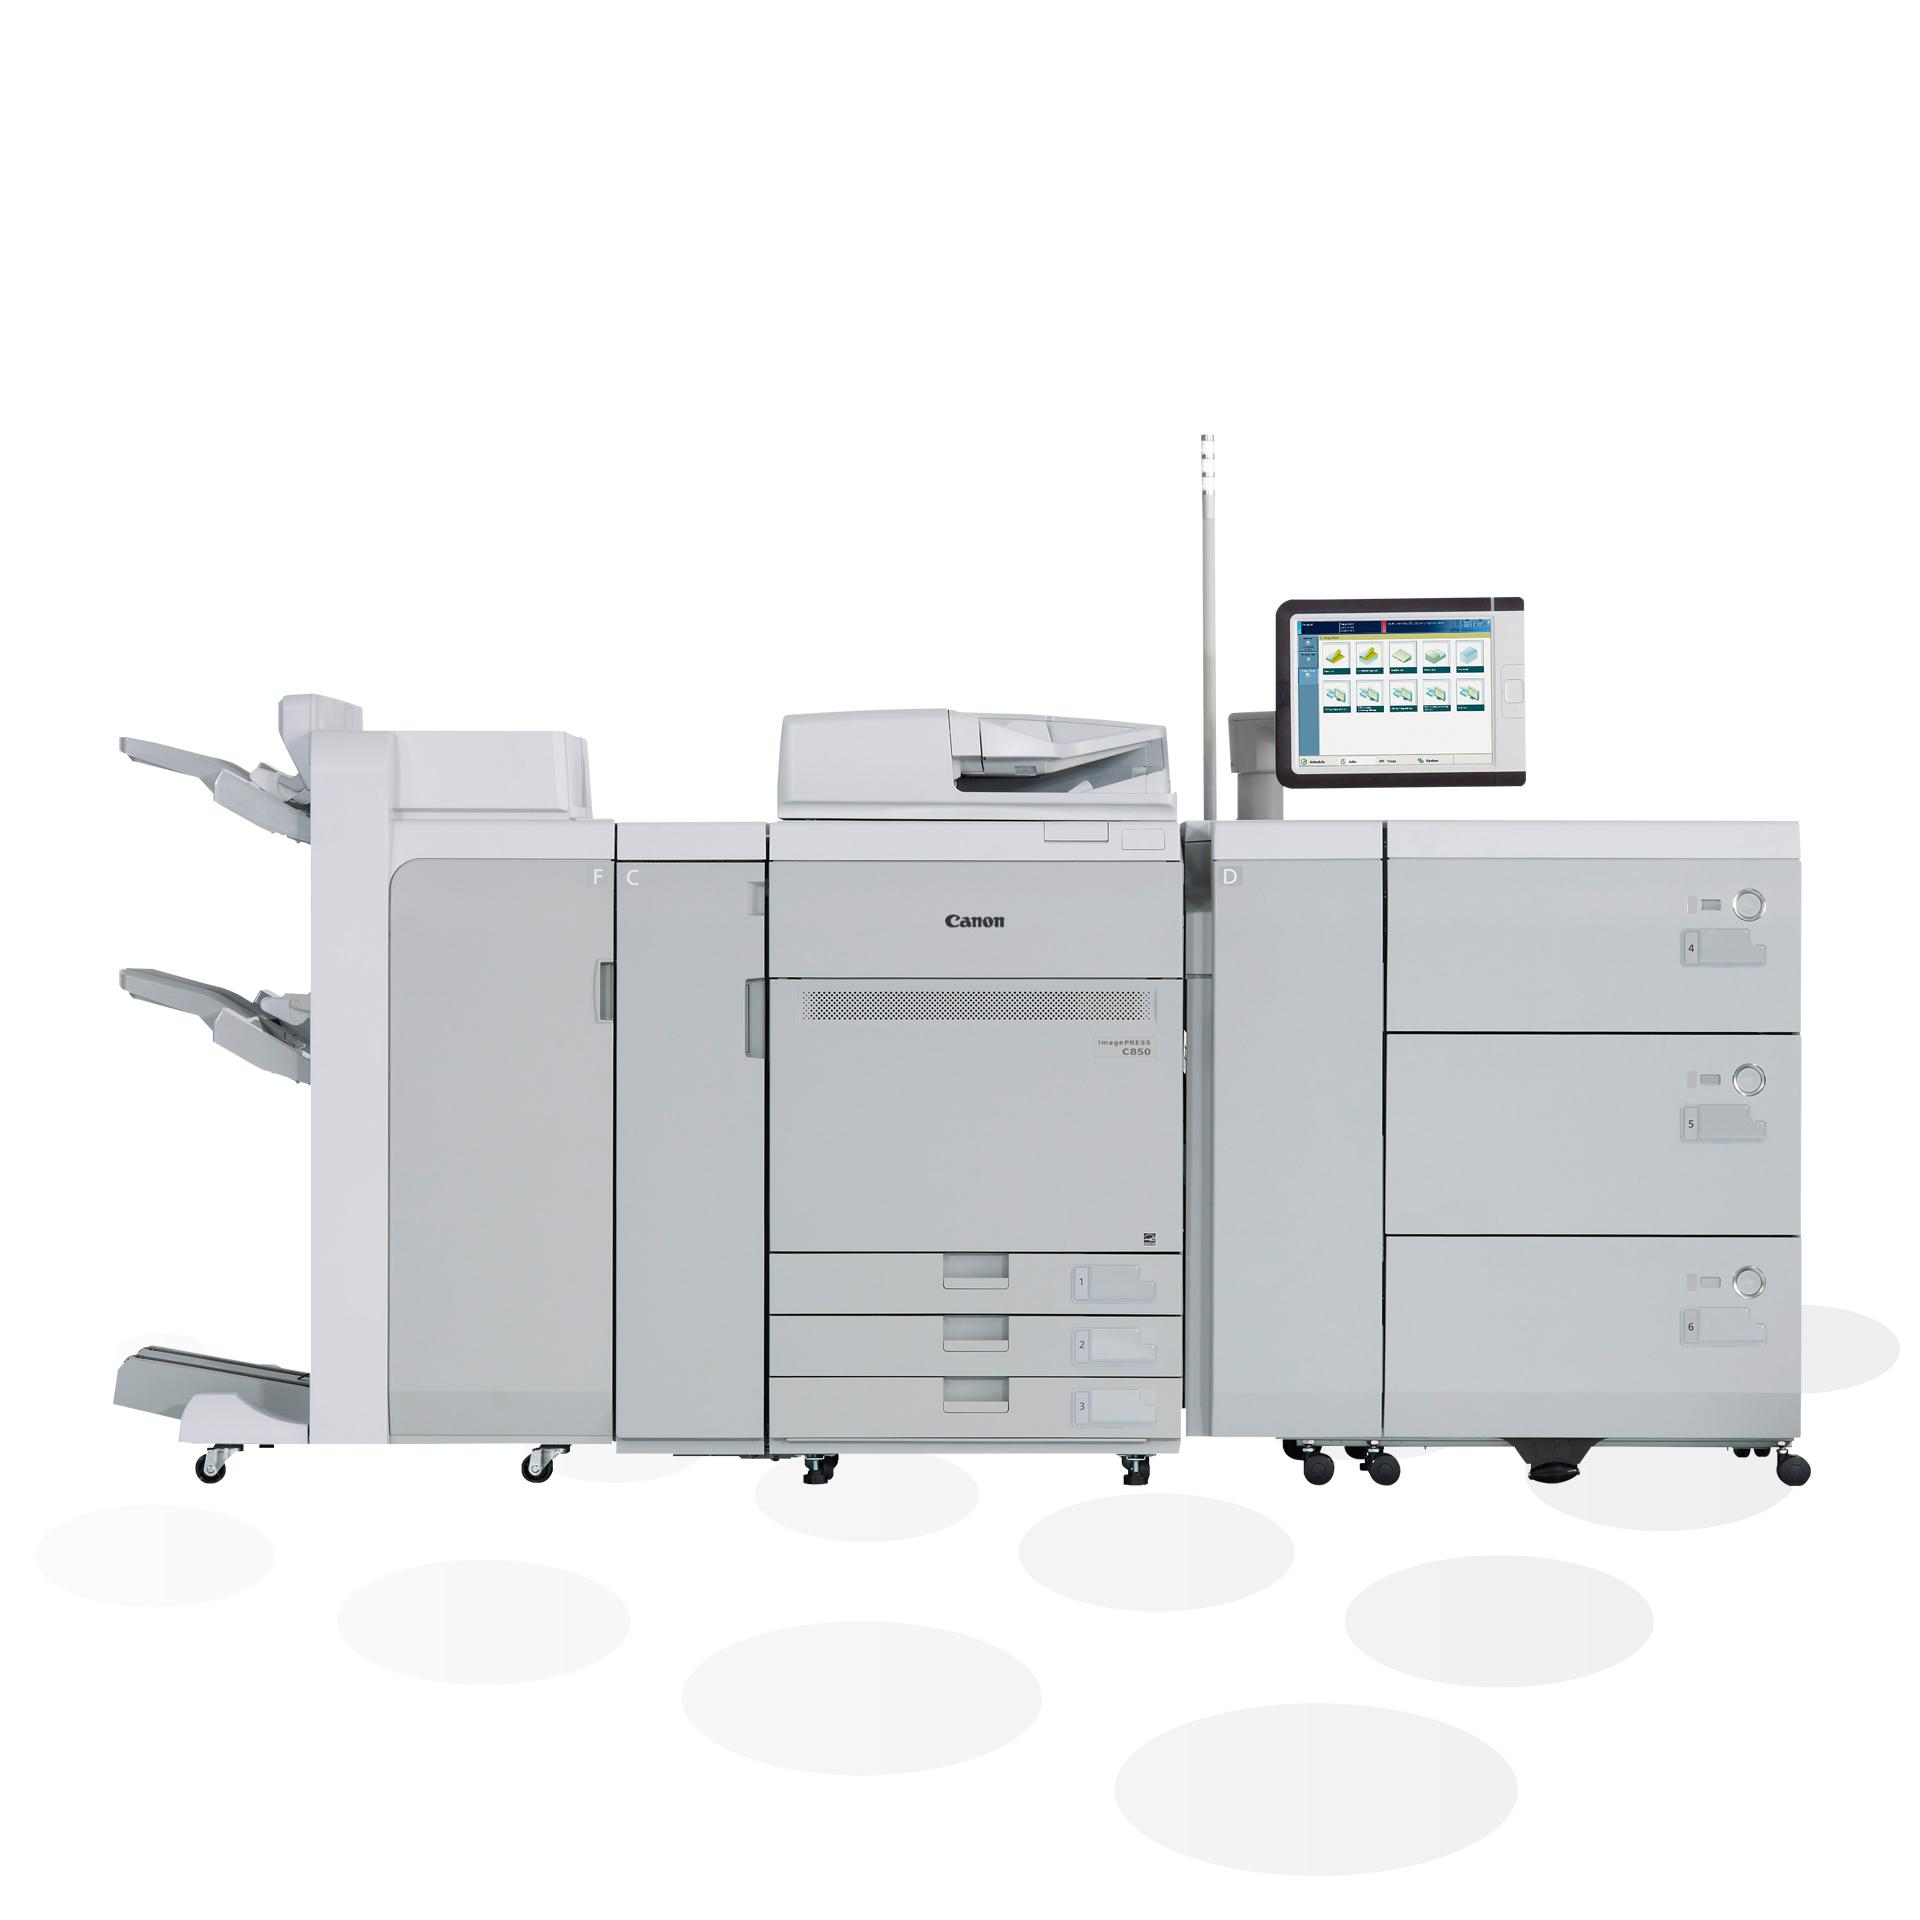 Canon imagePRESS C750/C850 Digitaldruckmaschine Frontansicht